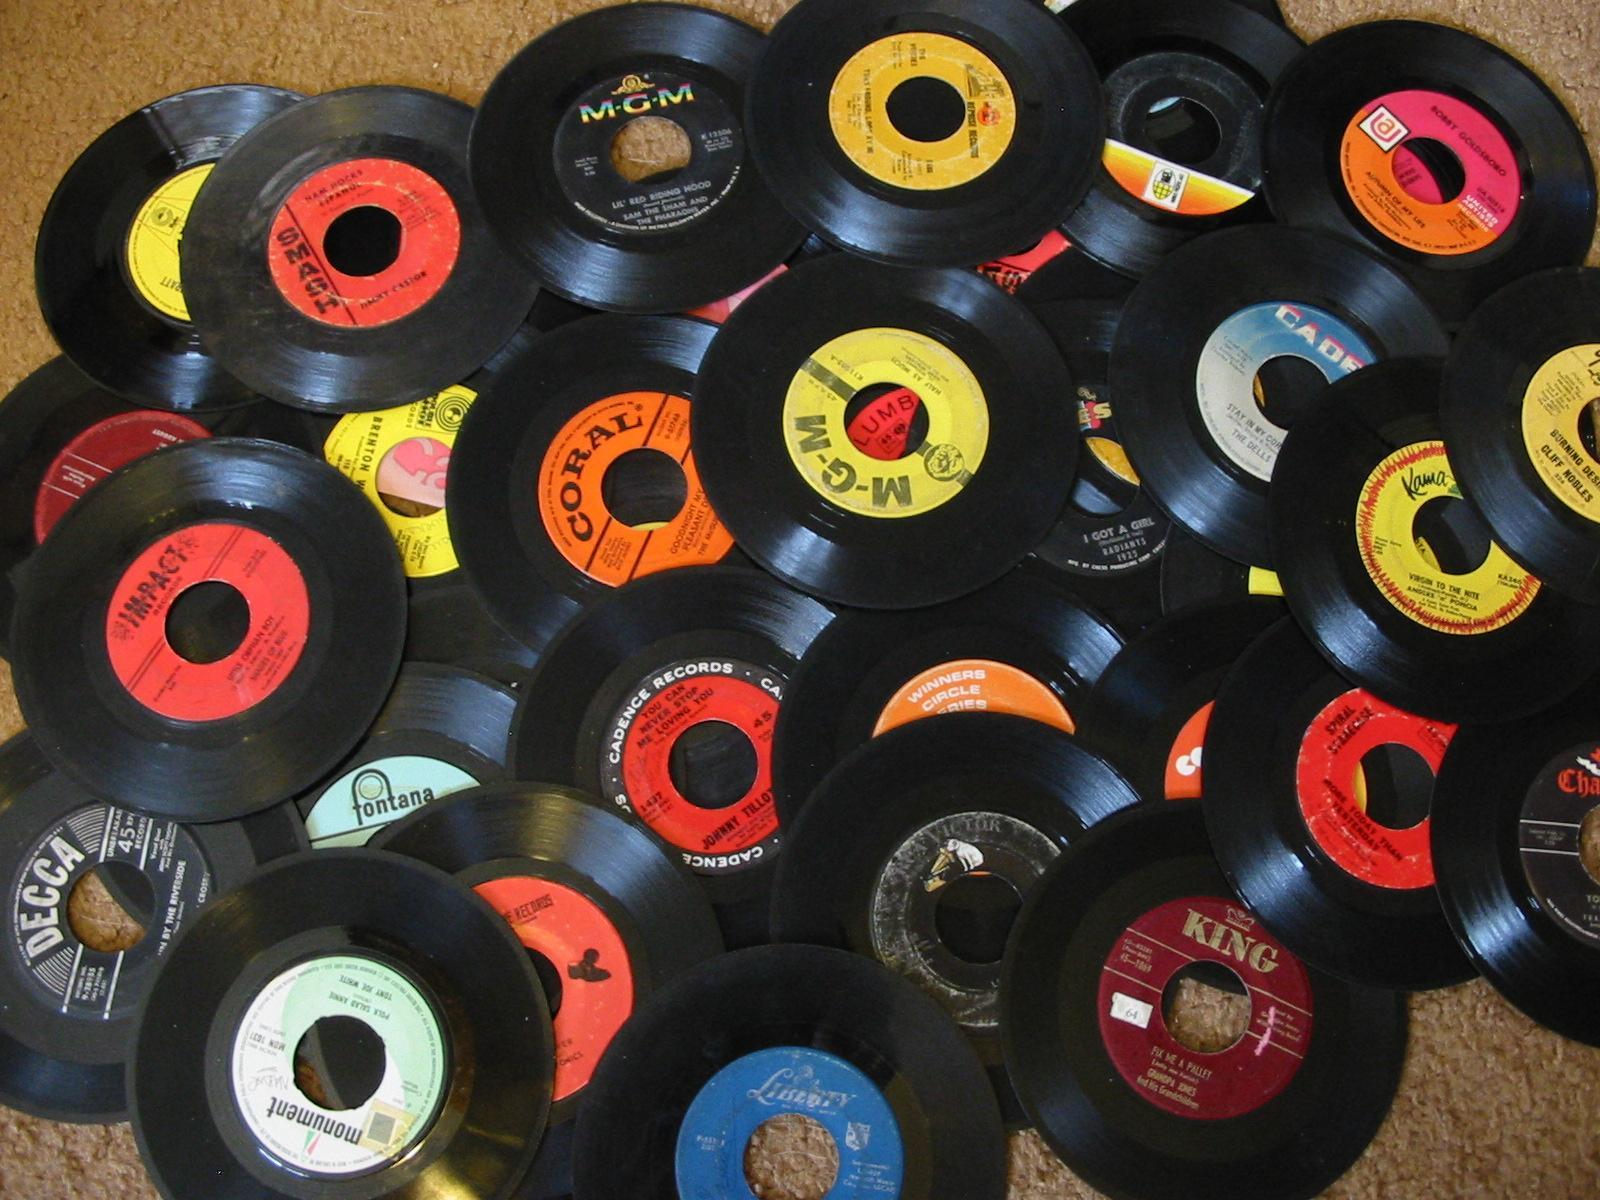 La industria discográfica europea y el streaming crecen en 2015 [ACTUALIZADO]